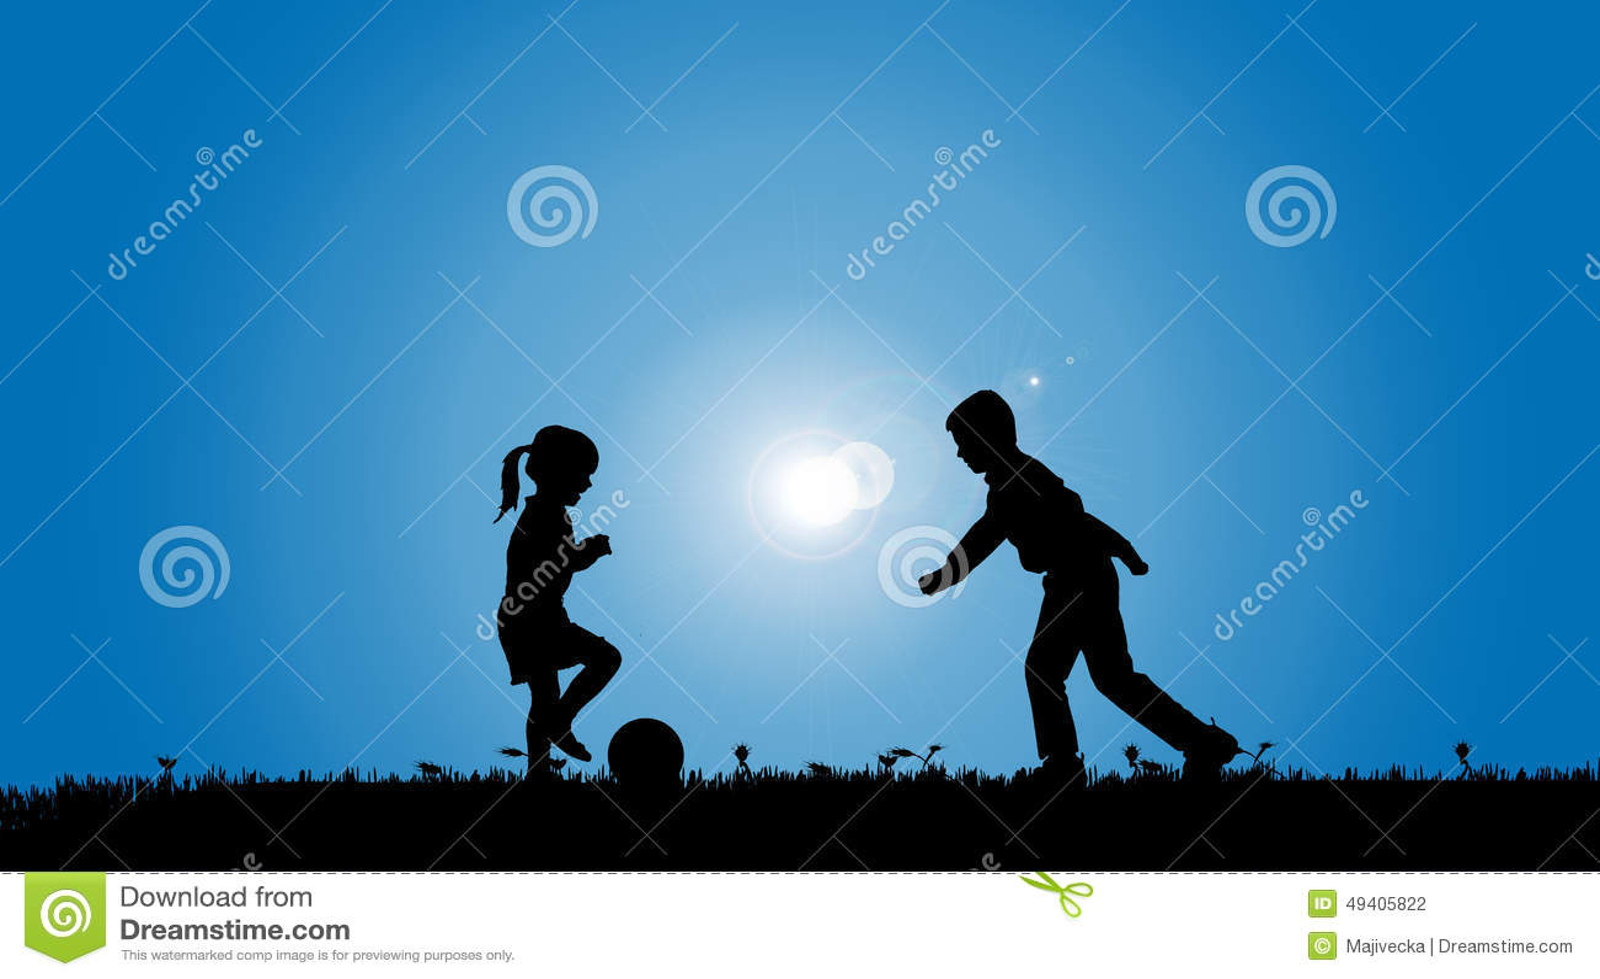 Download Vektorschattenbild Von Geschwister Vektor Abbildung - Illustration von kinder, blau: 49405822